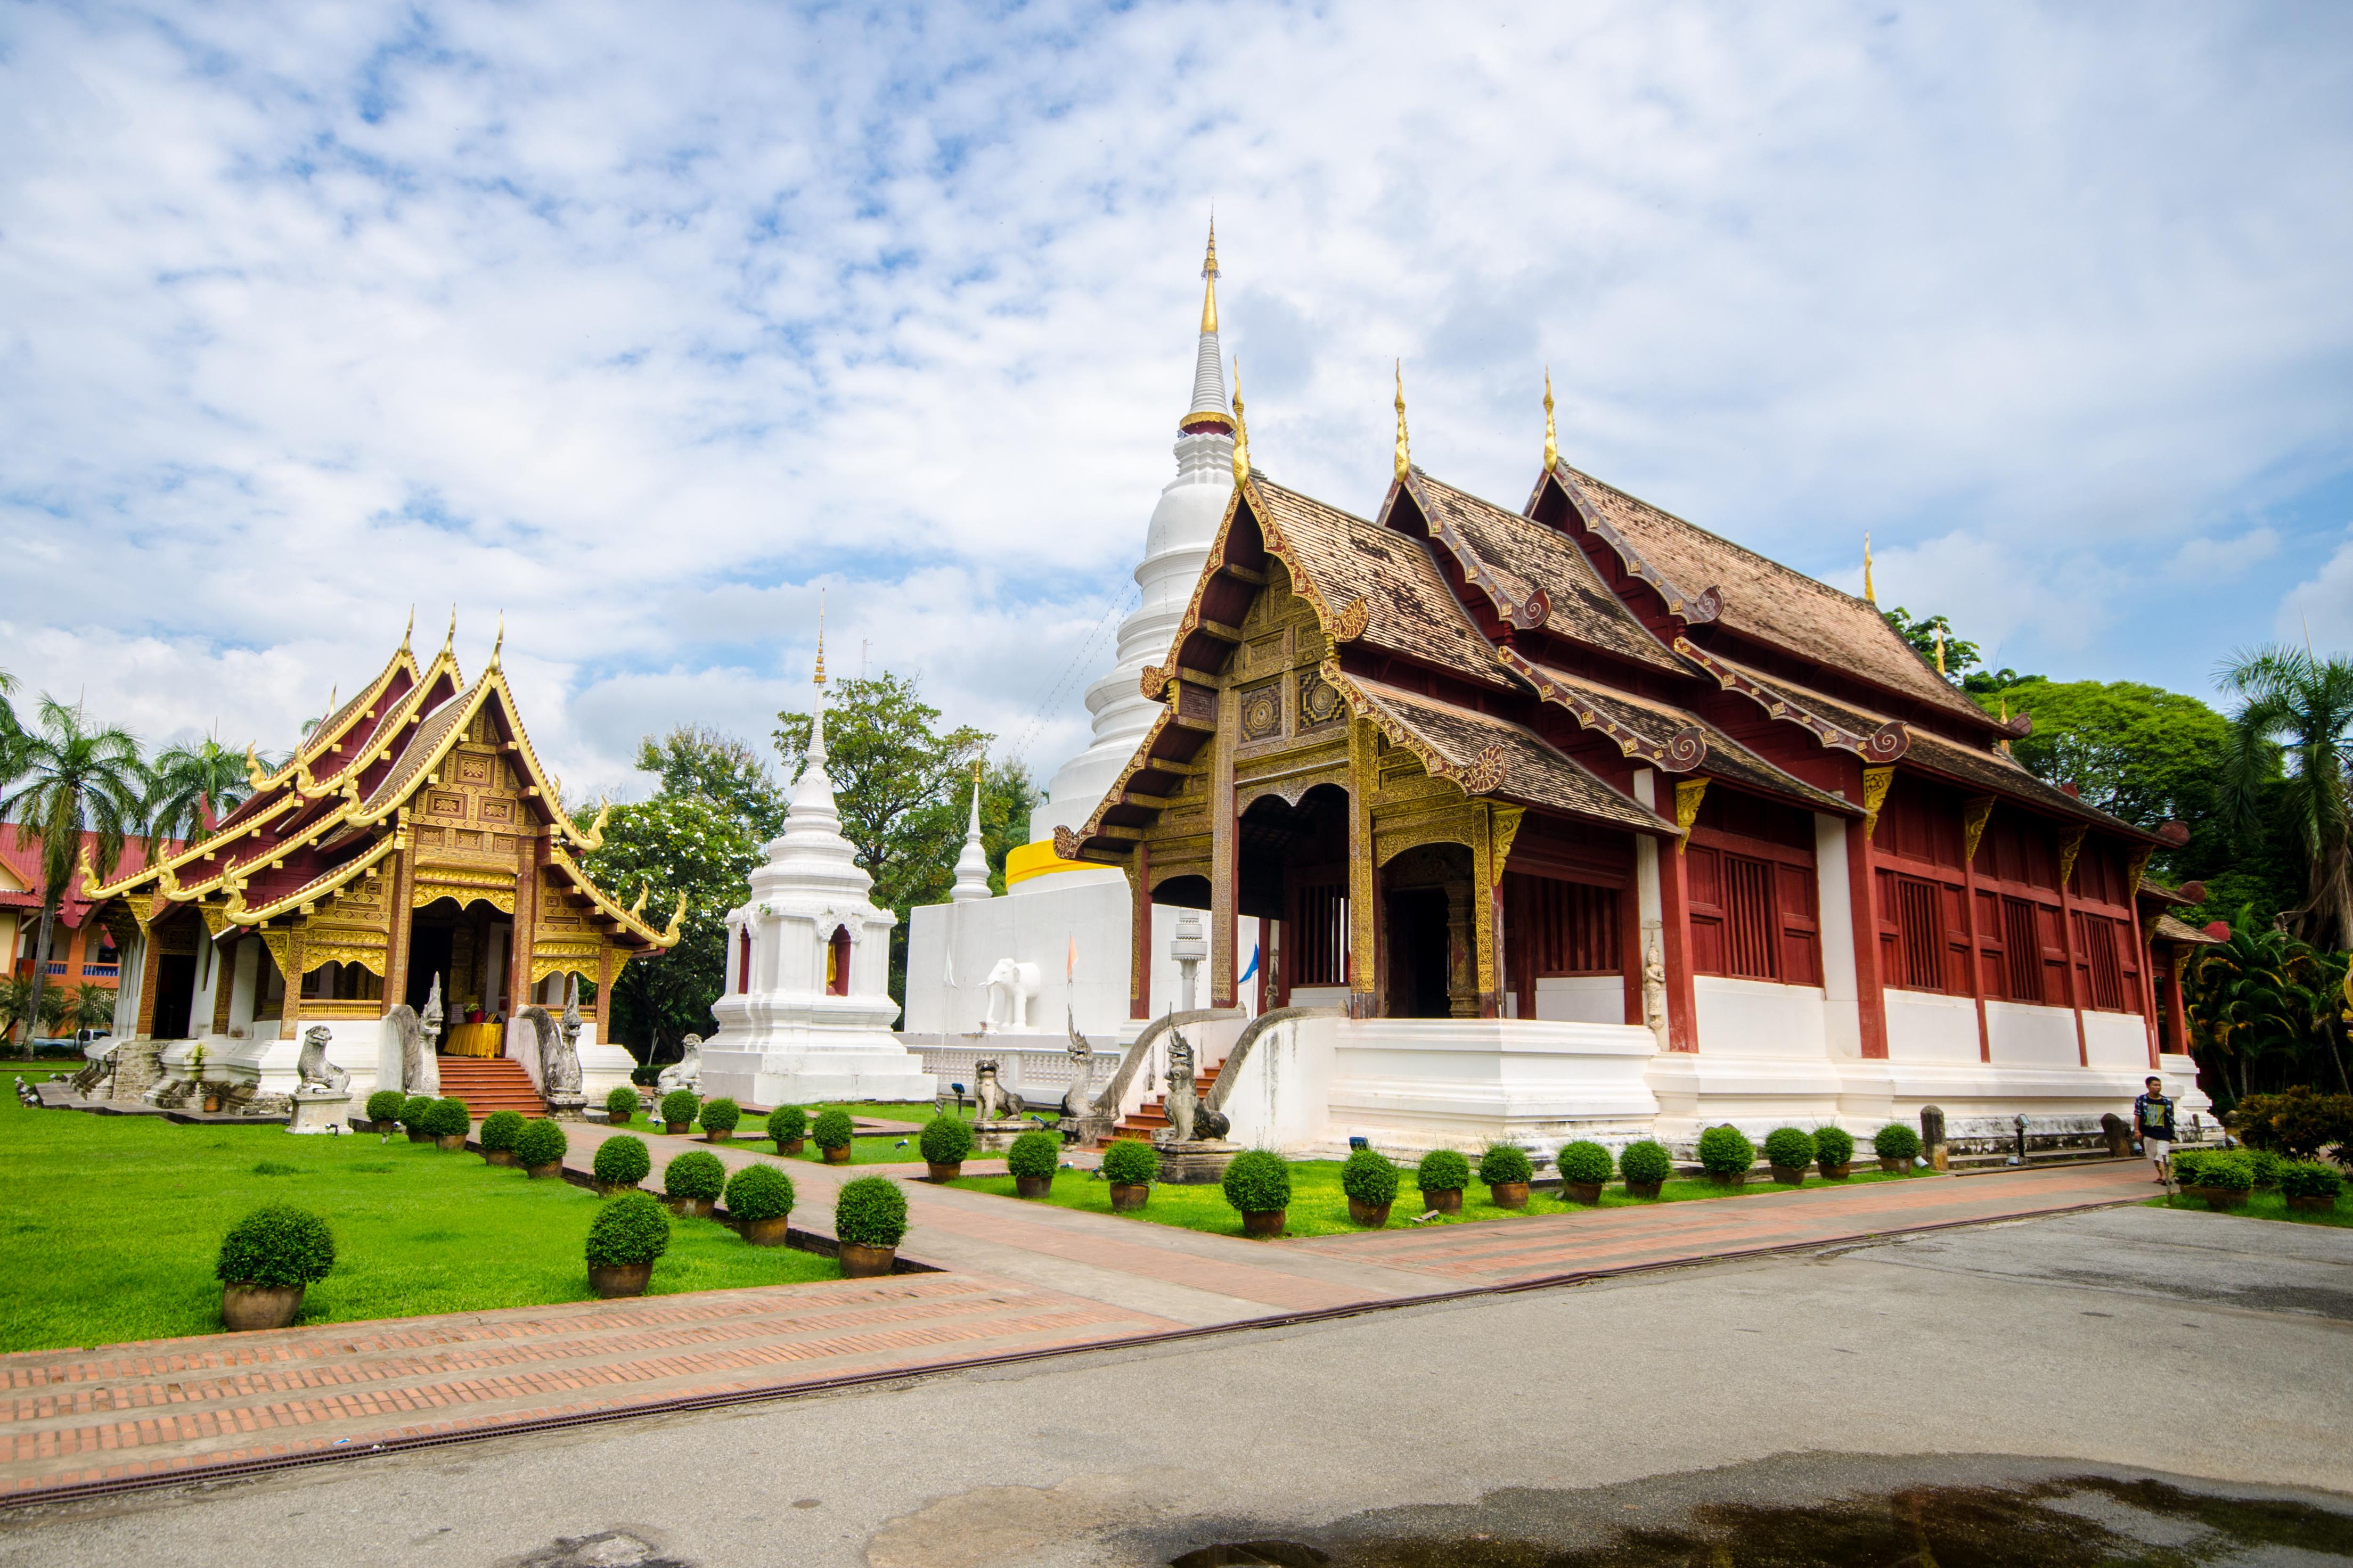 معبد پهارا سینگ تایلند